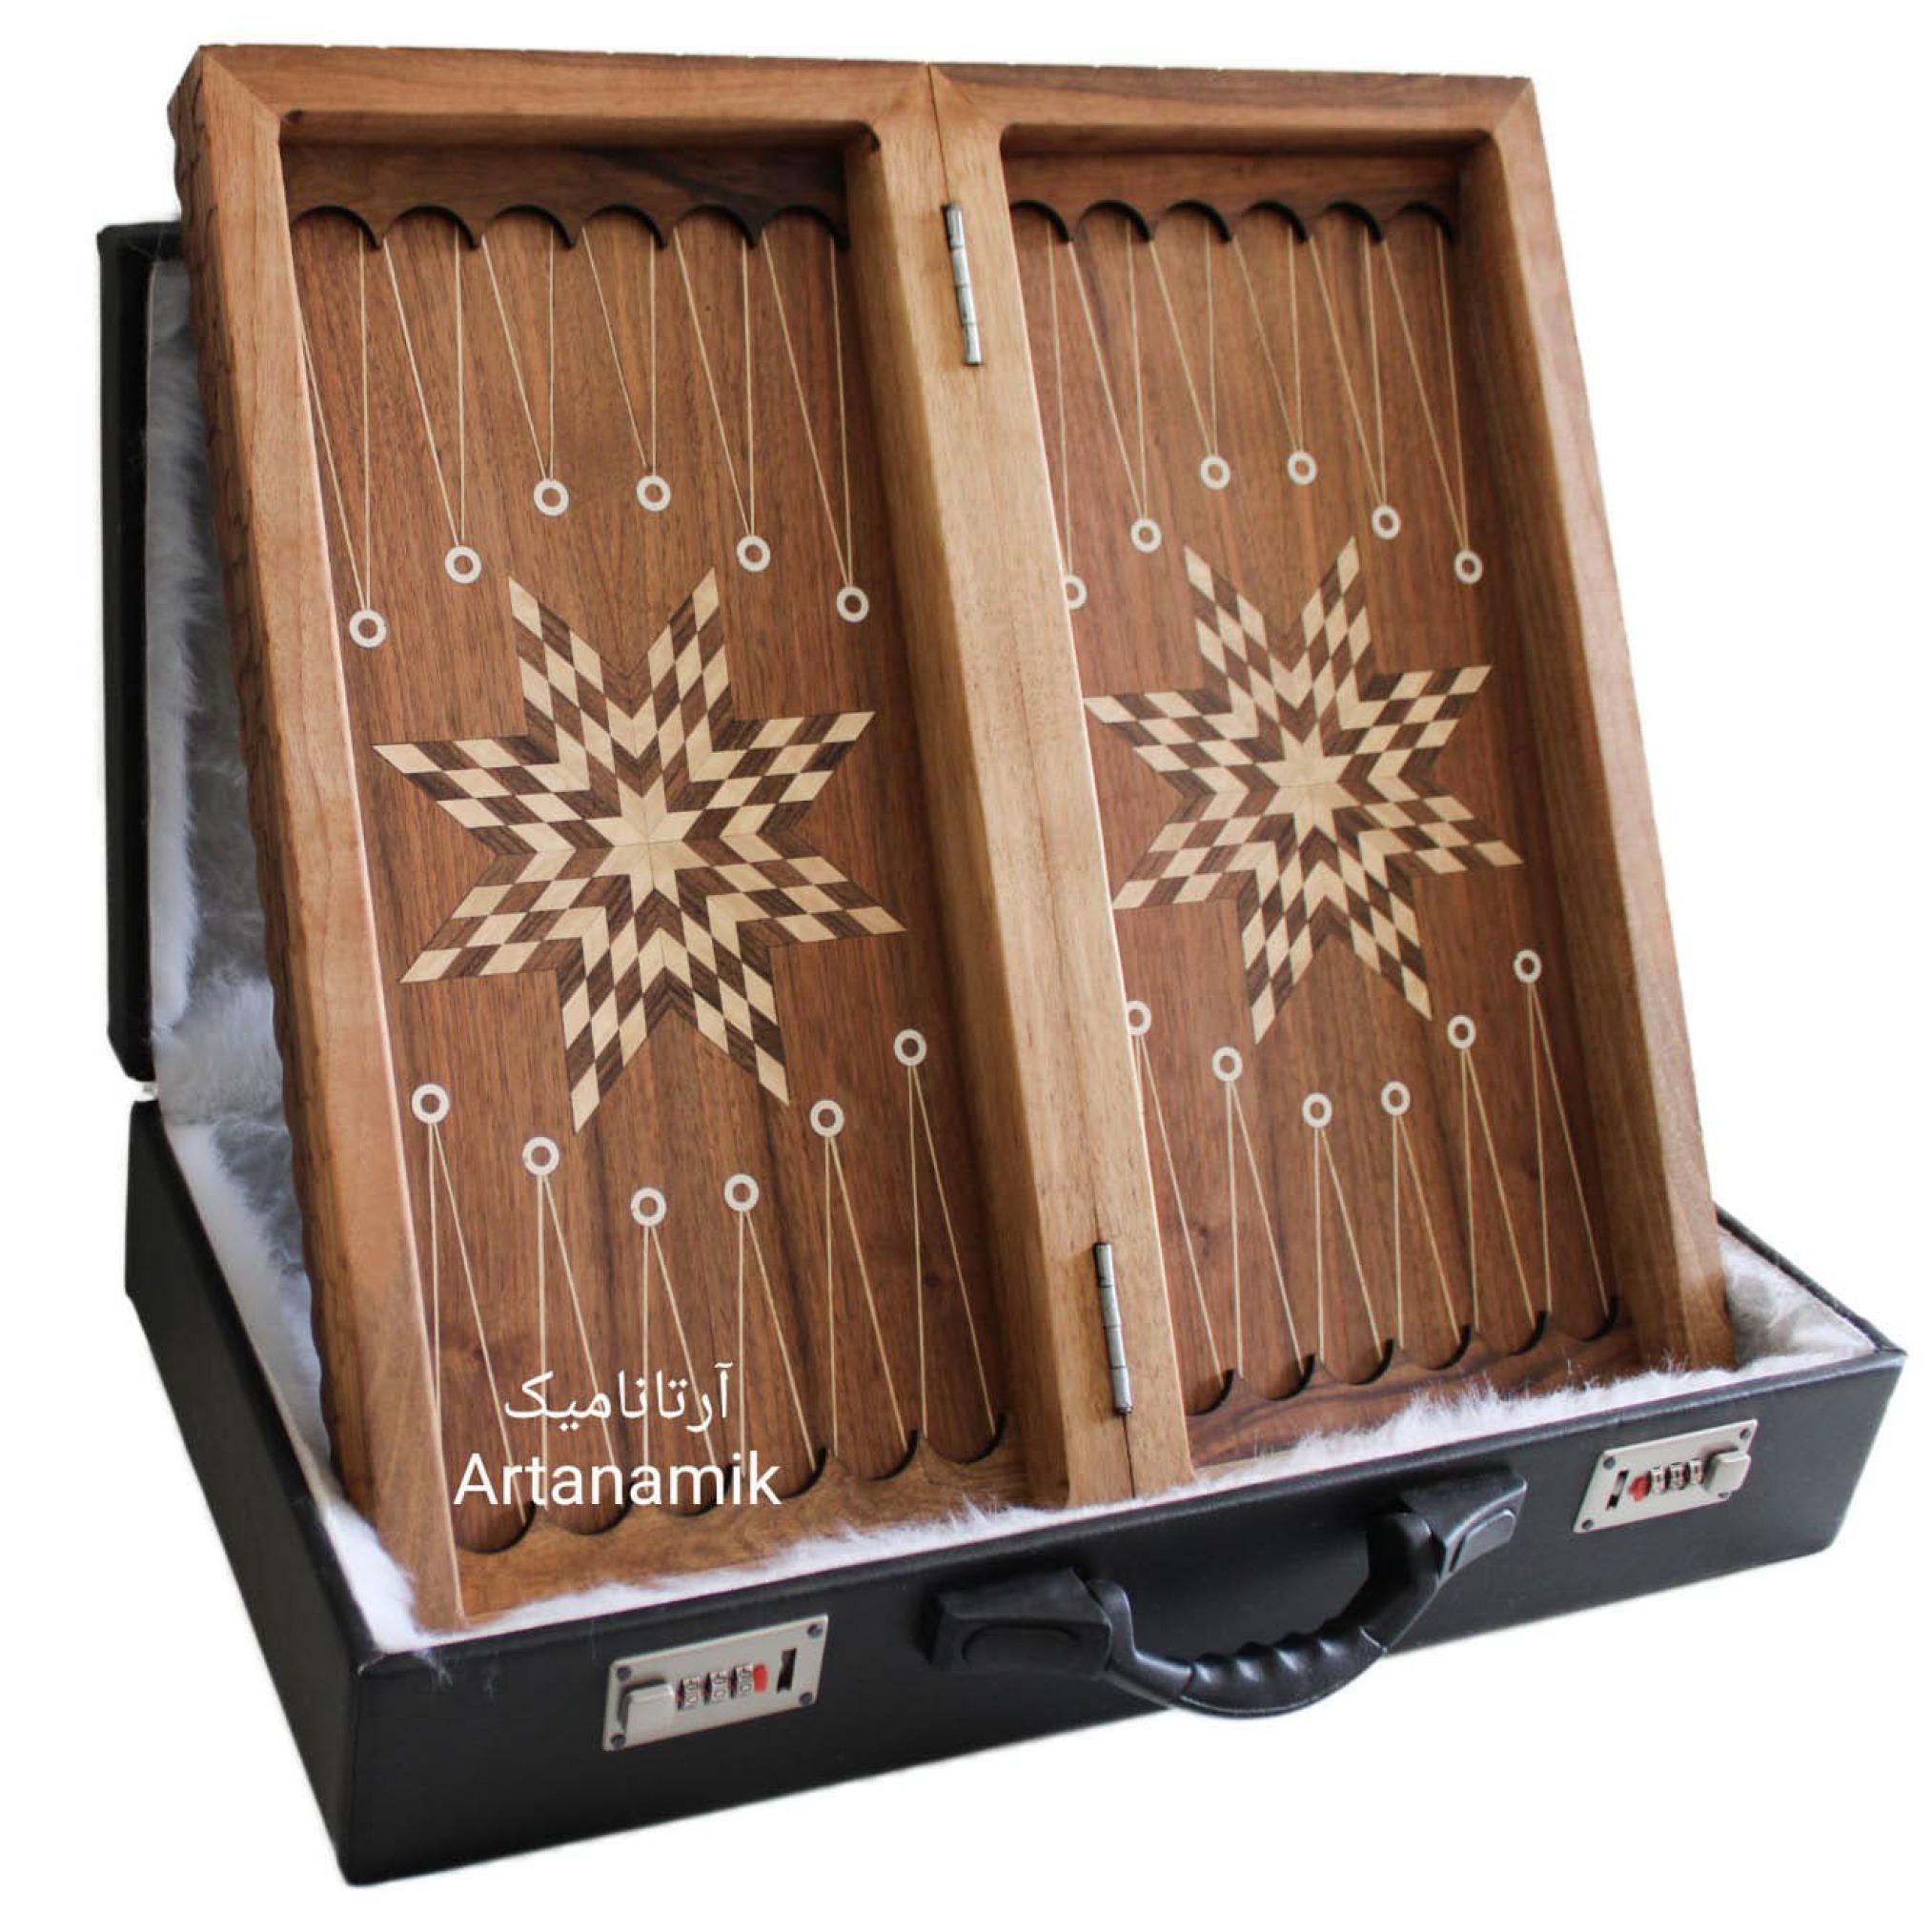 داخل تخته نرد منبت کاری پاسارگاد، خرید تخته نرد کادویی و تخته نرد نفیس روی چوب گردو